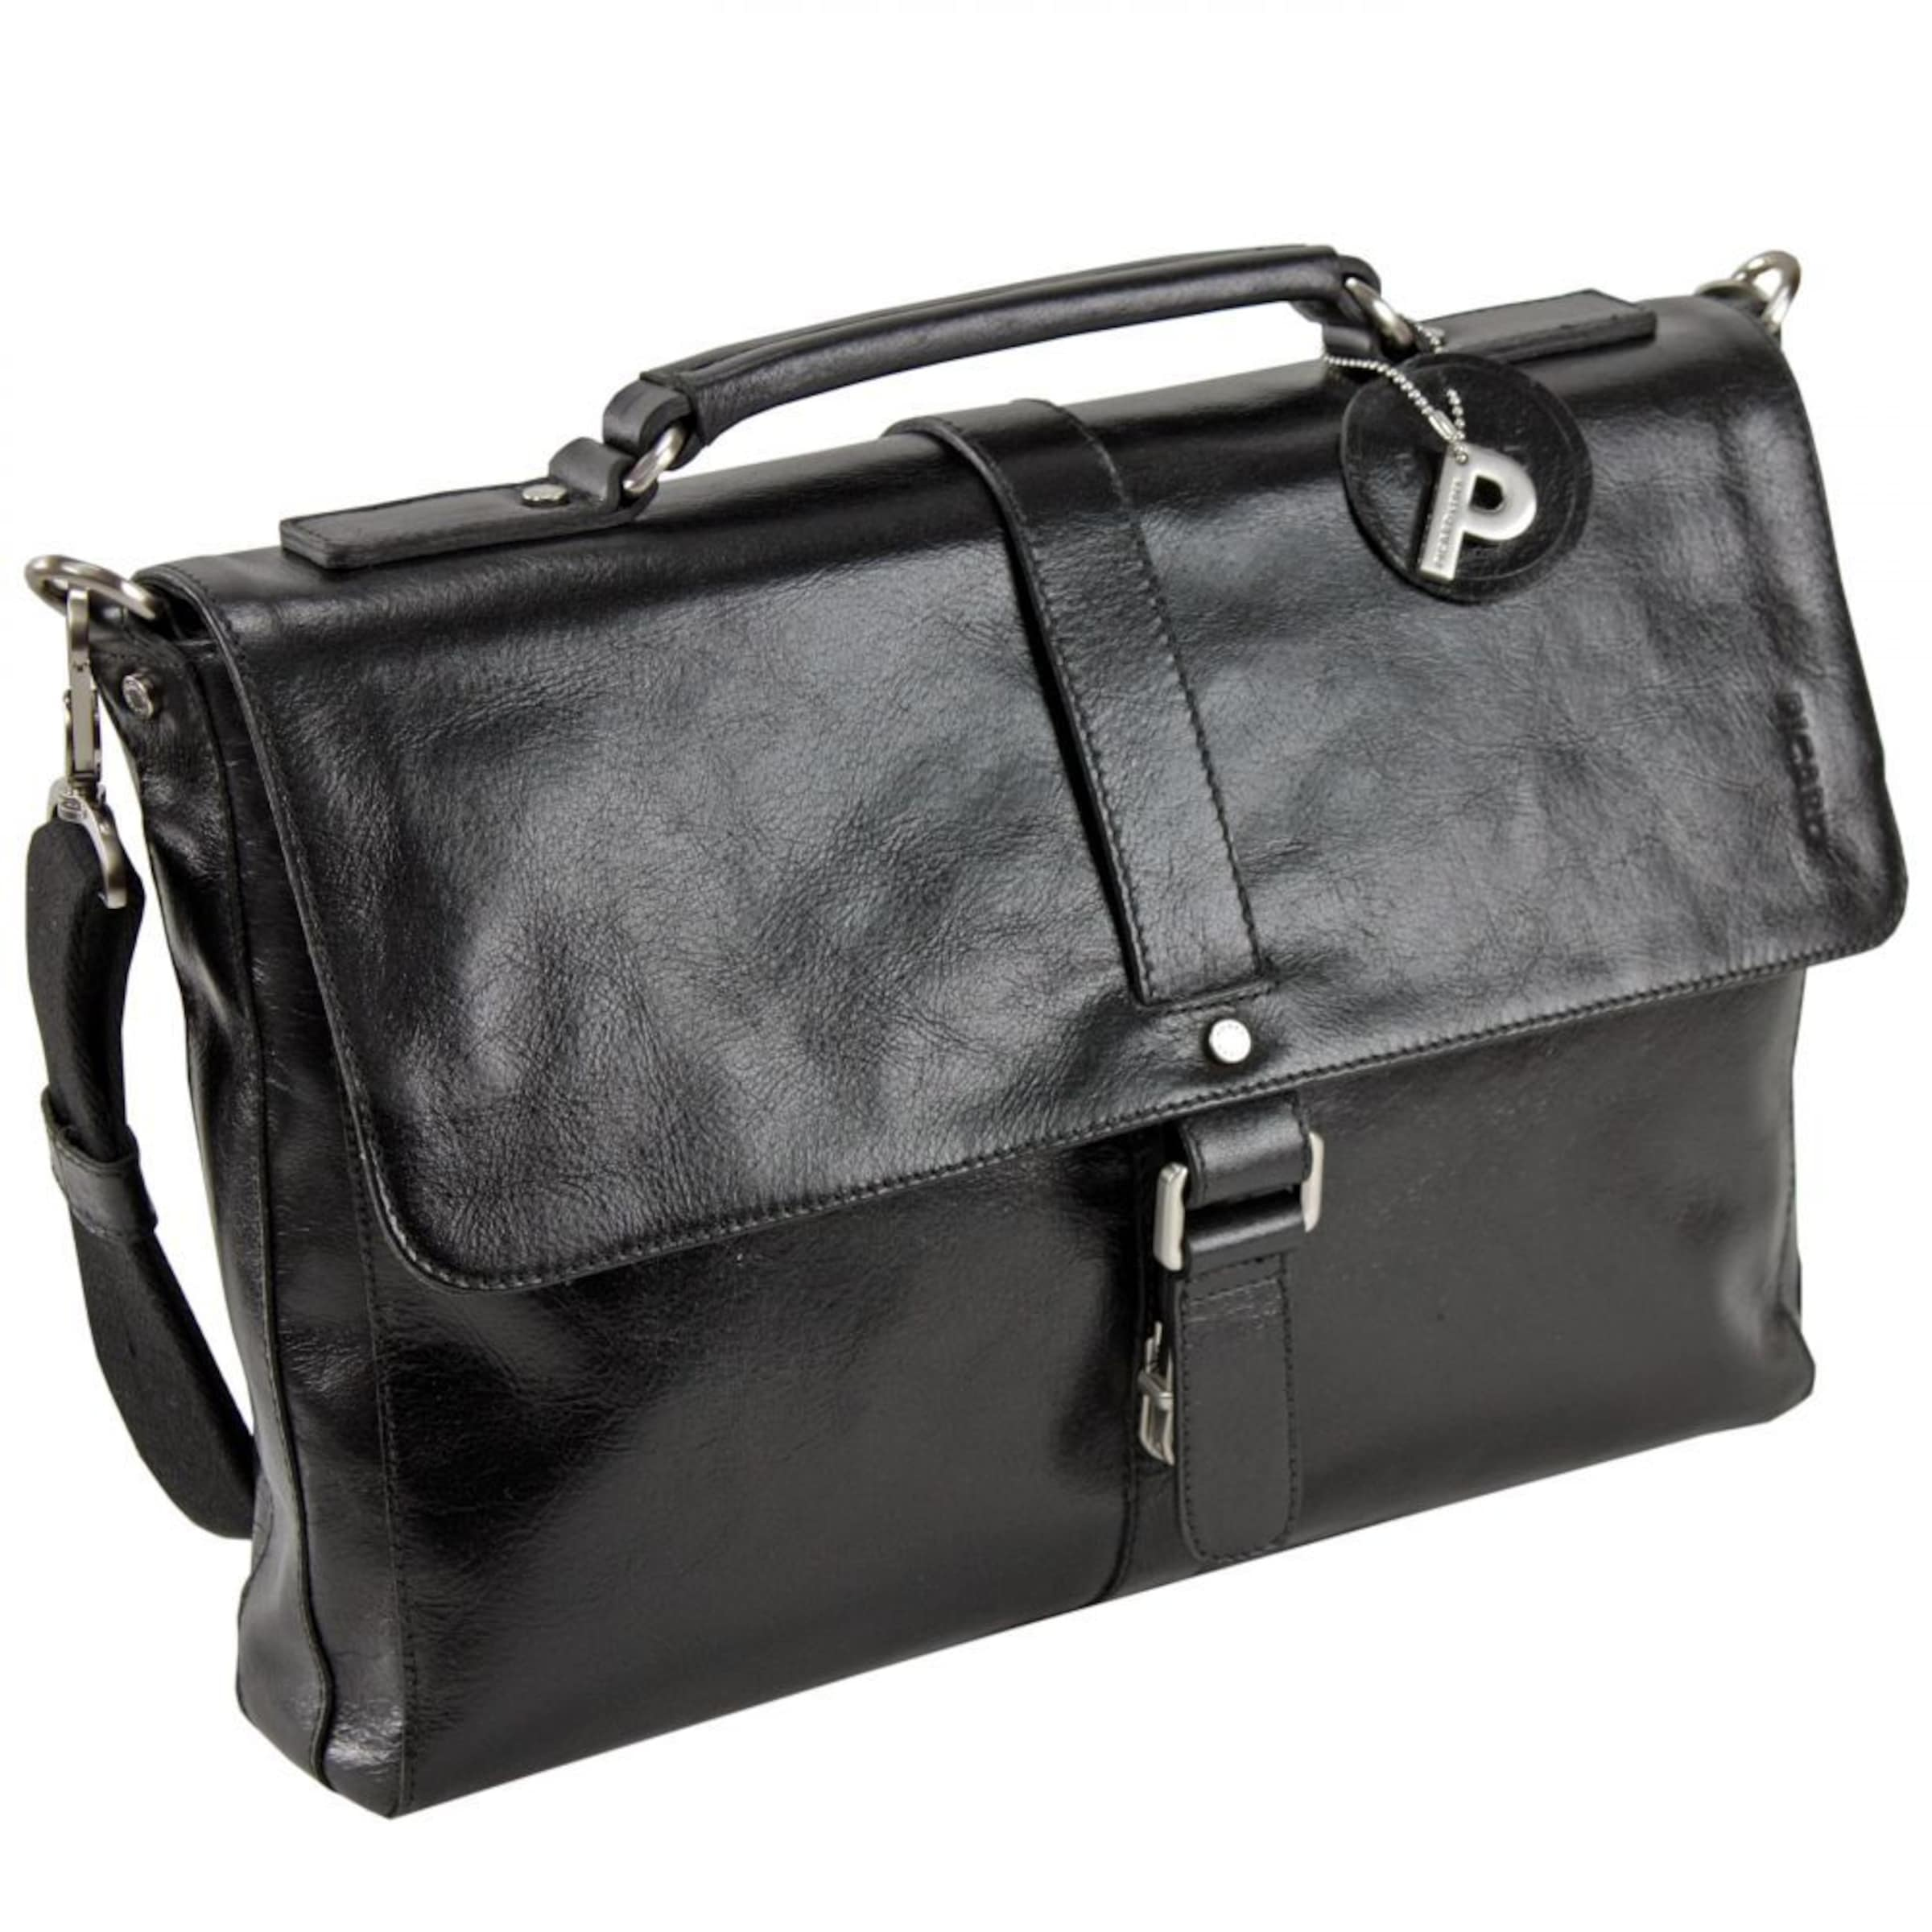 Leder tasche 38 Schwarz Buddy Business In Cm Picard W2YEIHD9